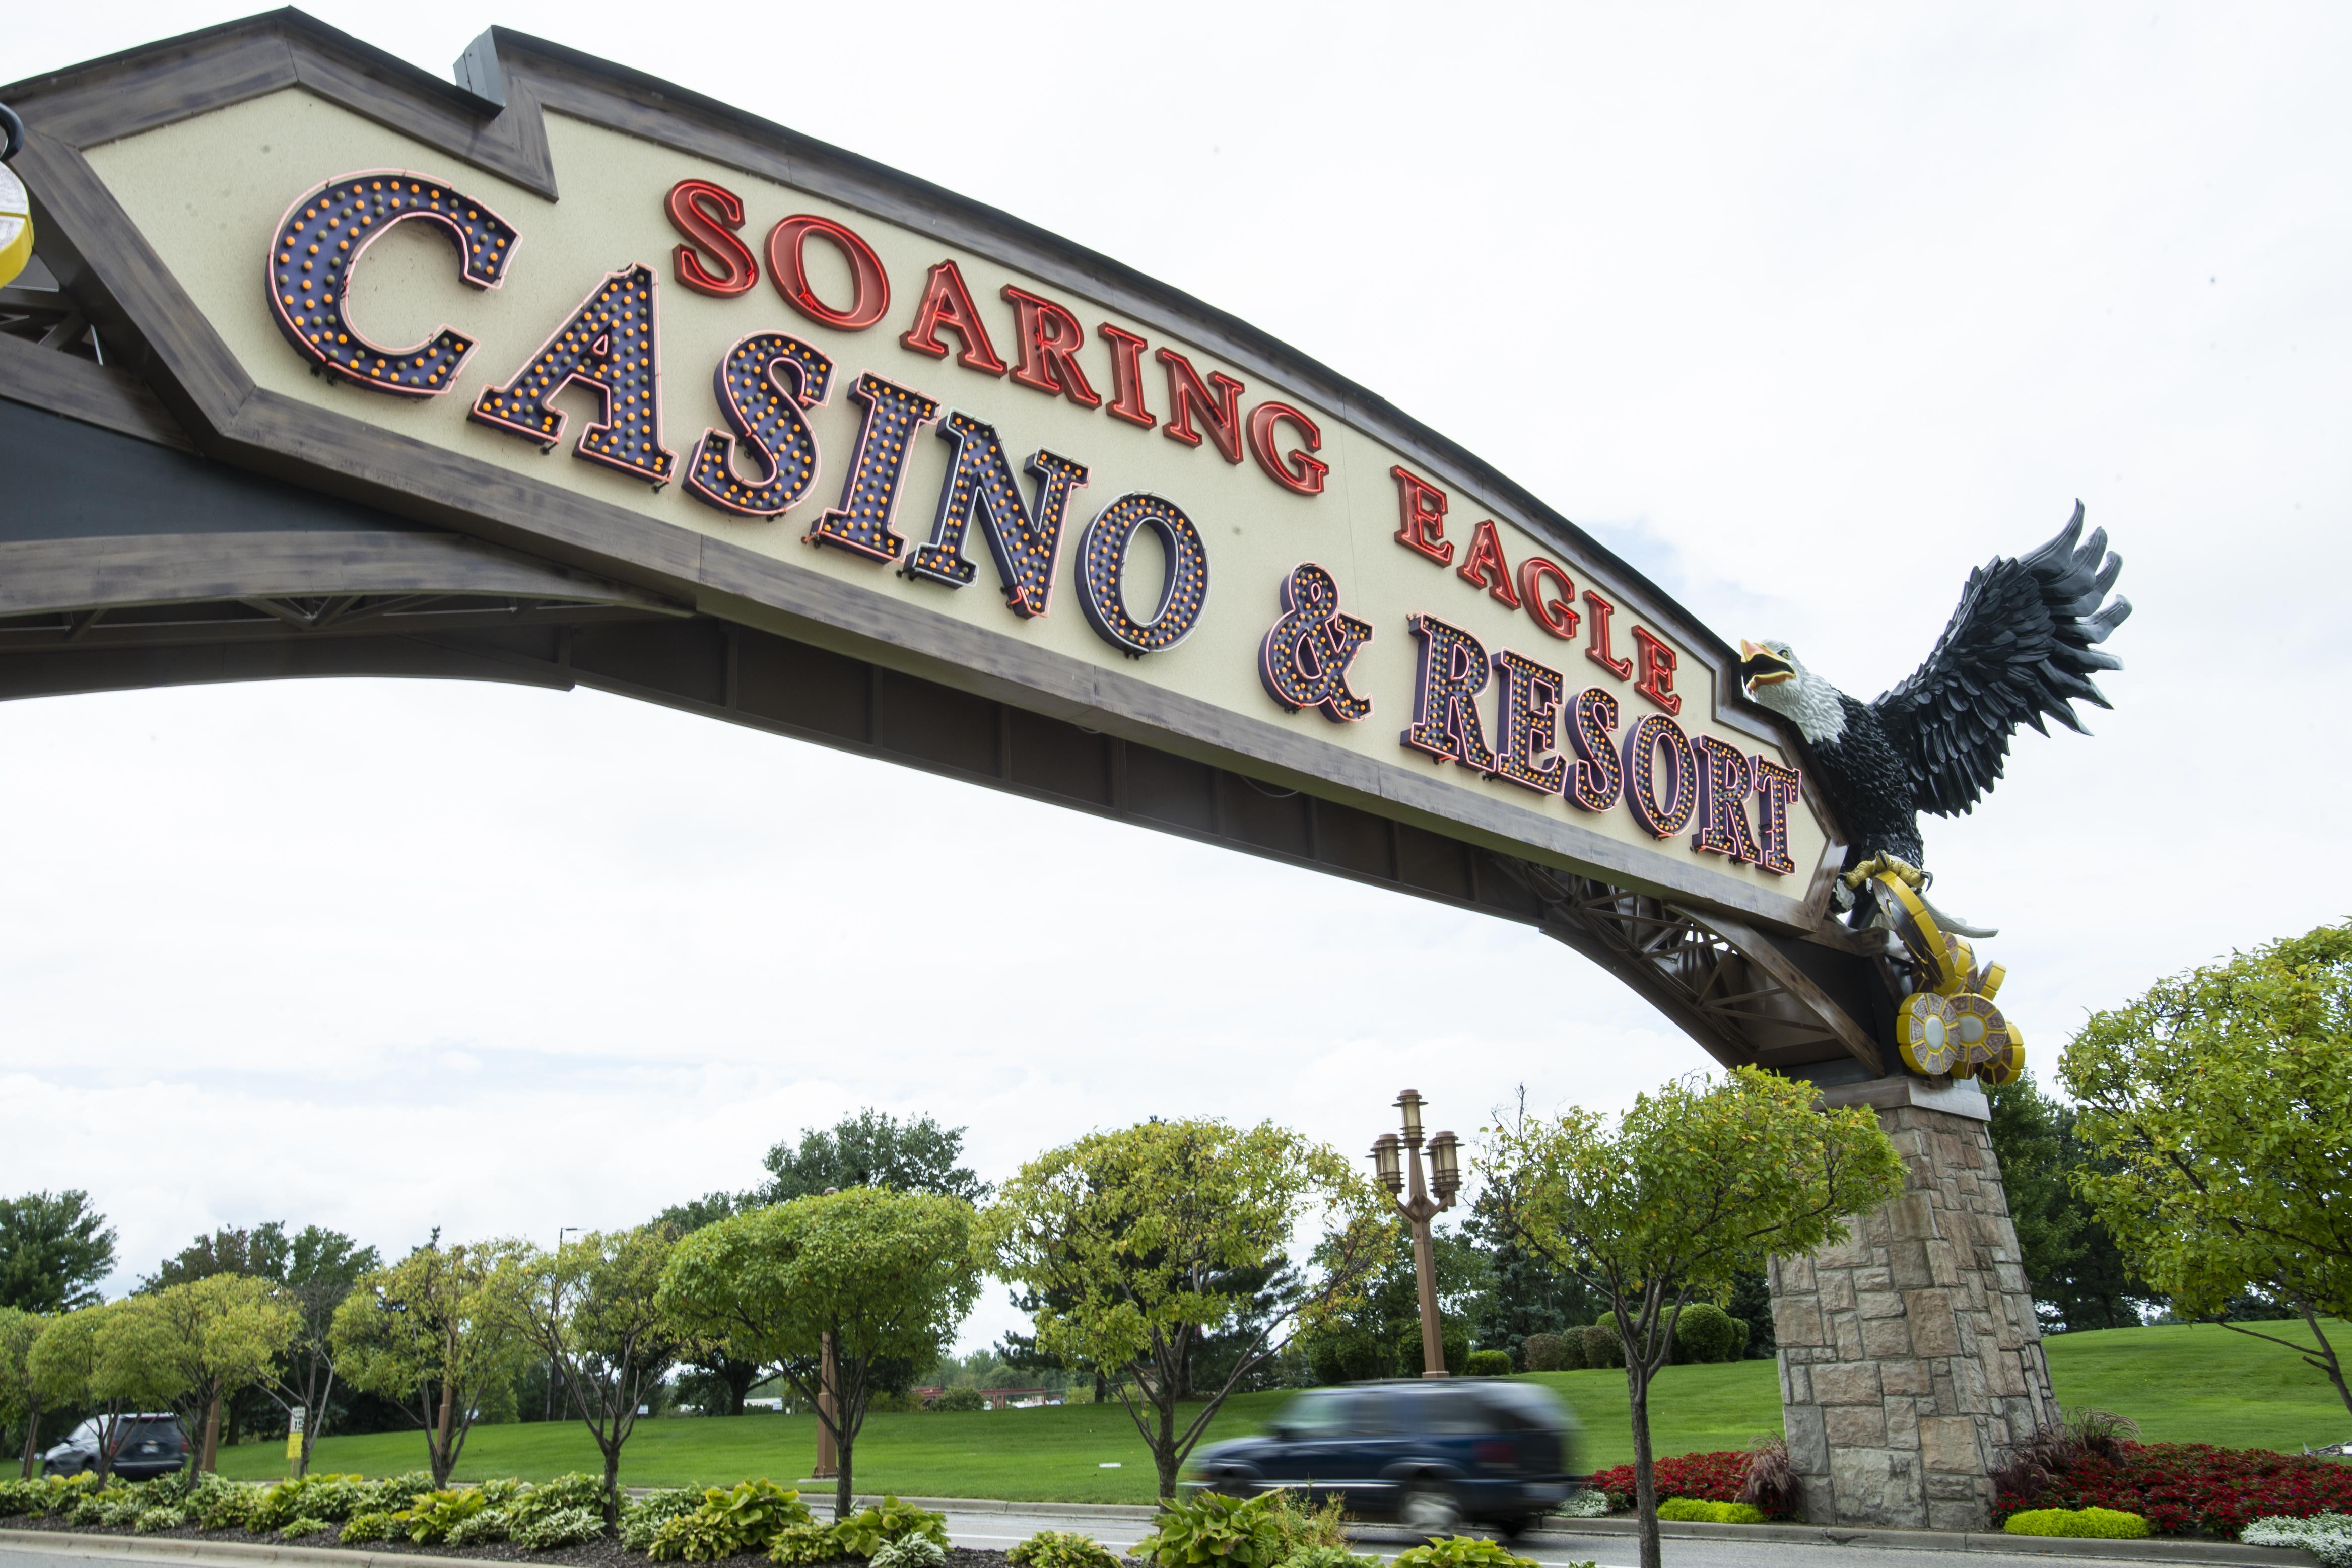 soaring eagle casino resort restaurants